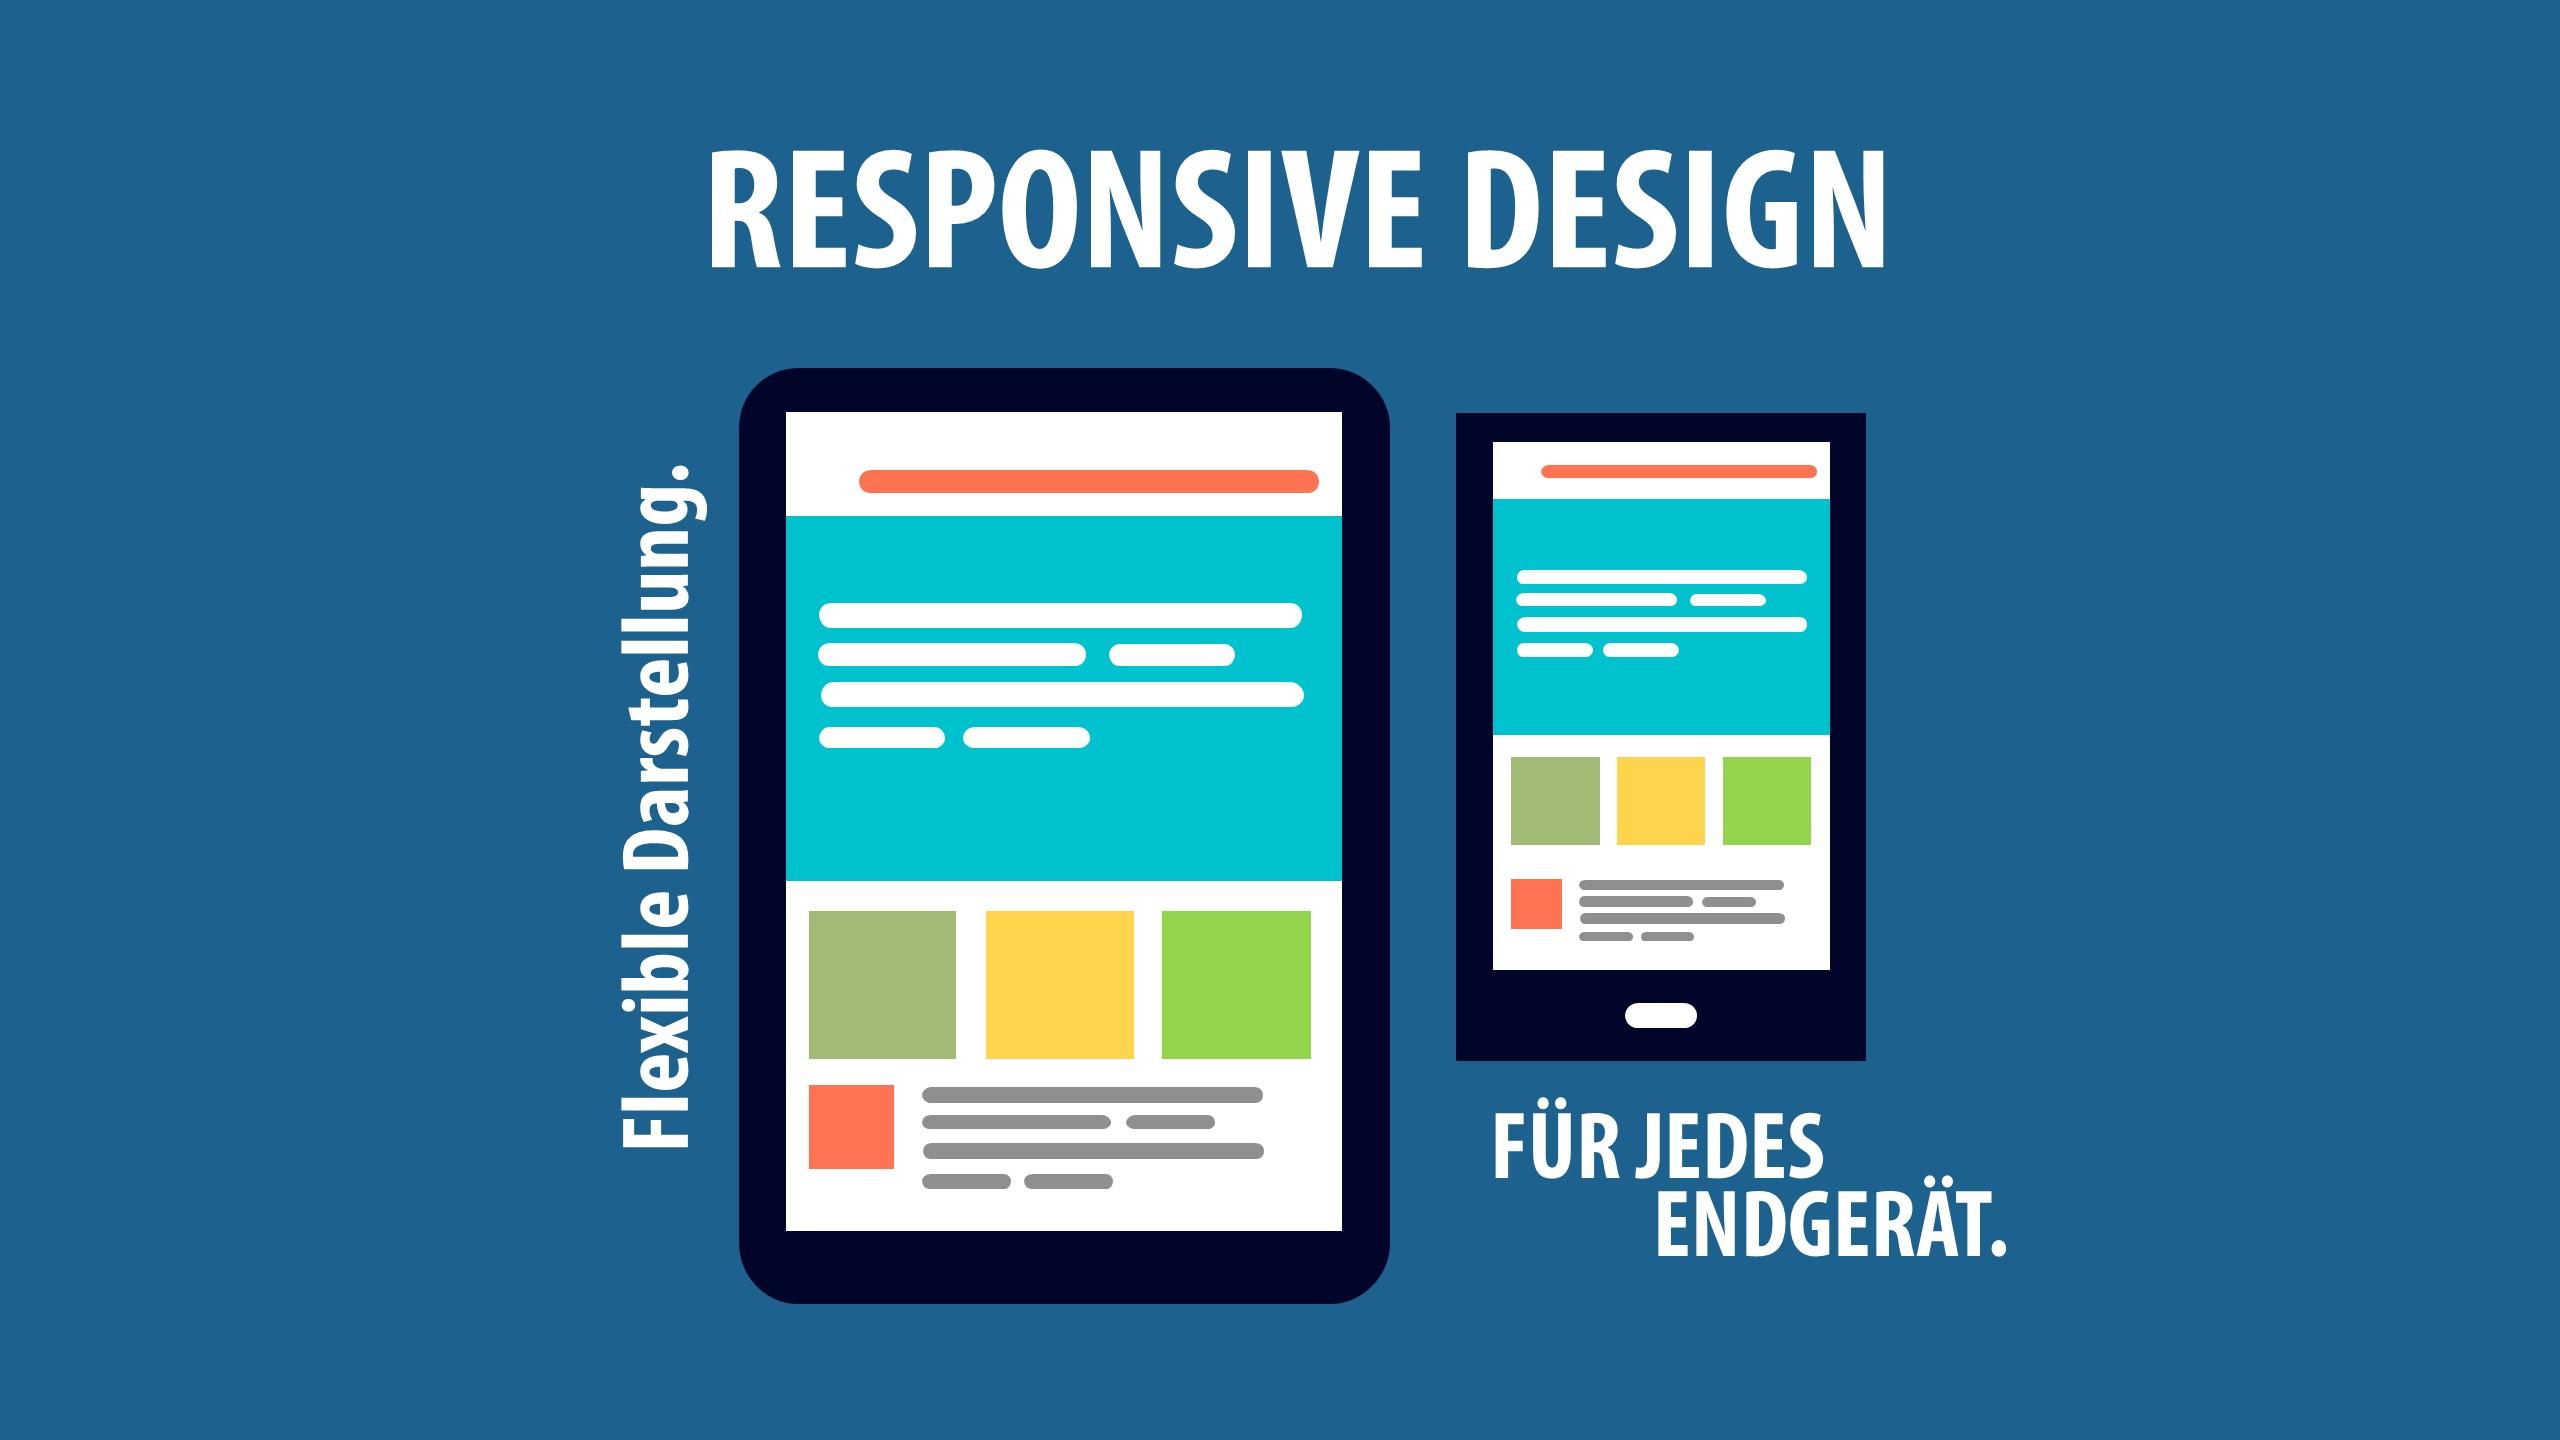 responsive design Le responsive design est définitivement une solution efficace afin d'offrir une expérience utilisateur en adéquation avec l'usage souhaité c'est une évolution majeure du web design invitant les concepteurs à un nouveau défi ergonomique et assurant aux utilisateurs une expérience enrichie.